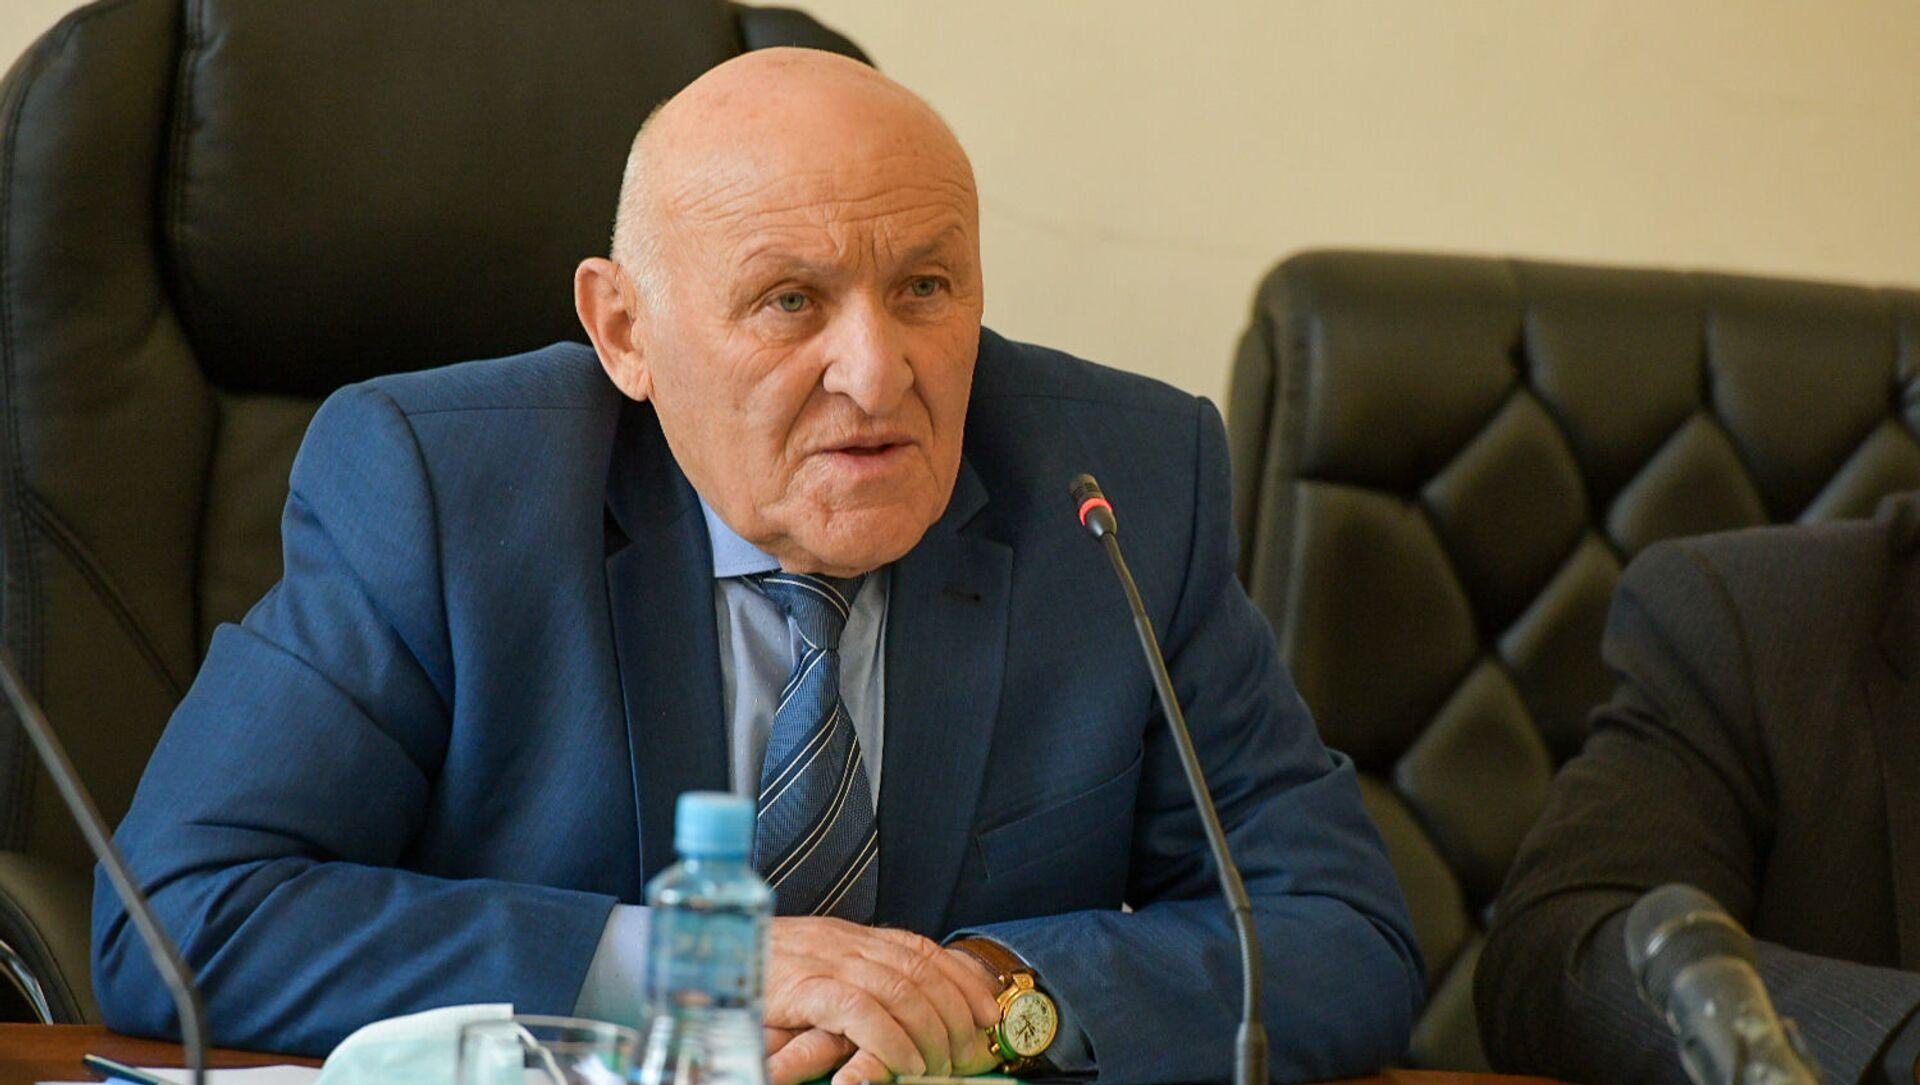 Парламент Абхазии ратифицировал Соглашение с Сирией об отмене виз для дипломатов - Sputnik Абхазия, 1920, 01.10.2021